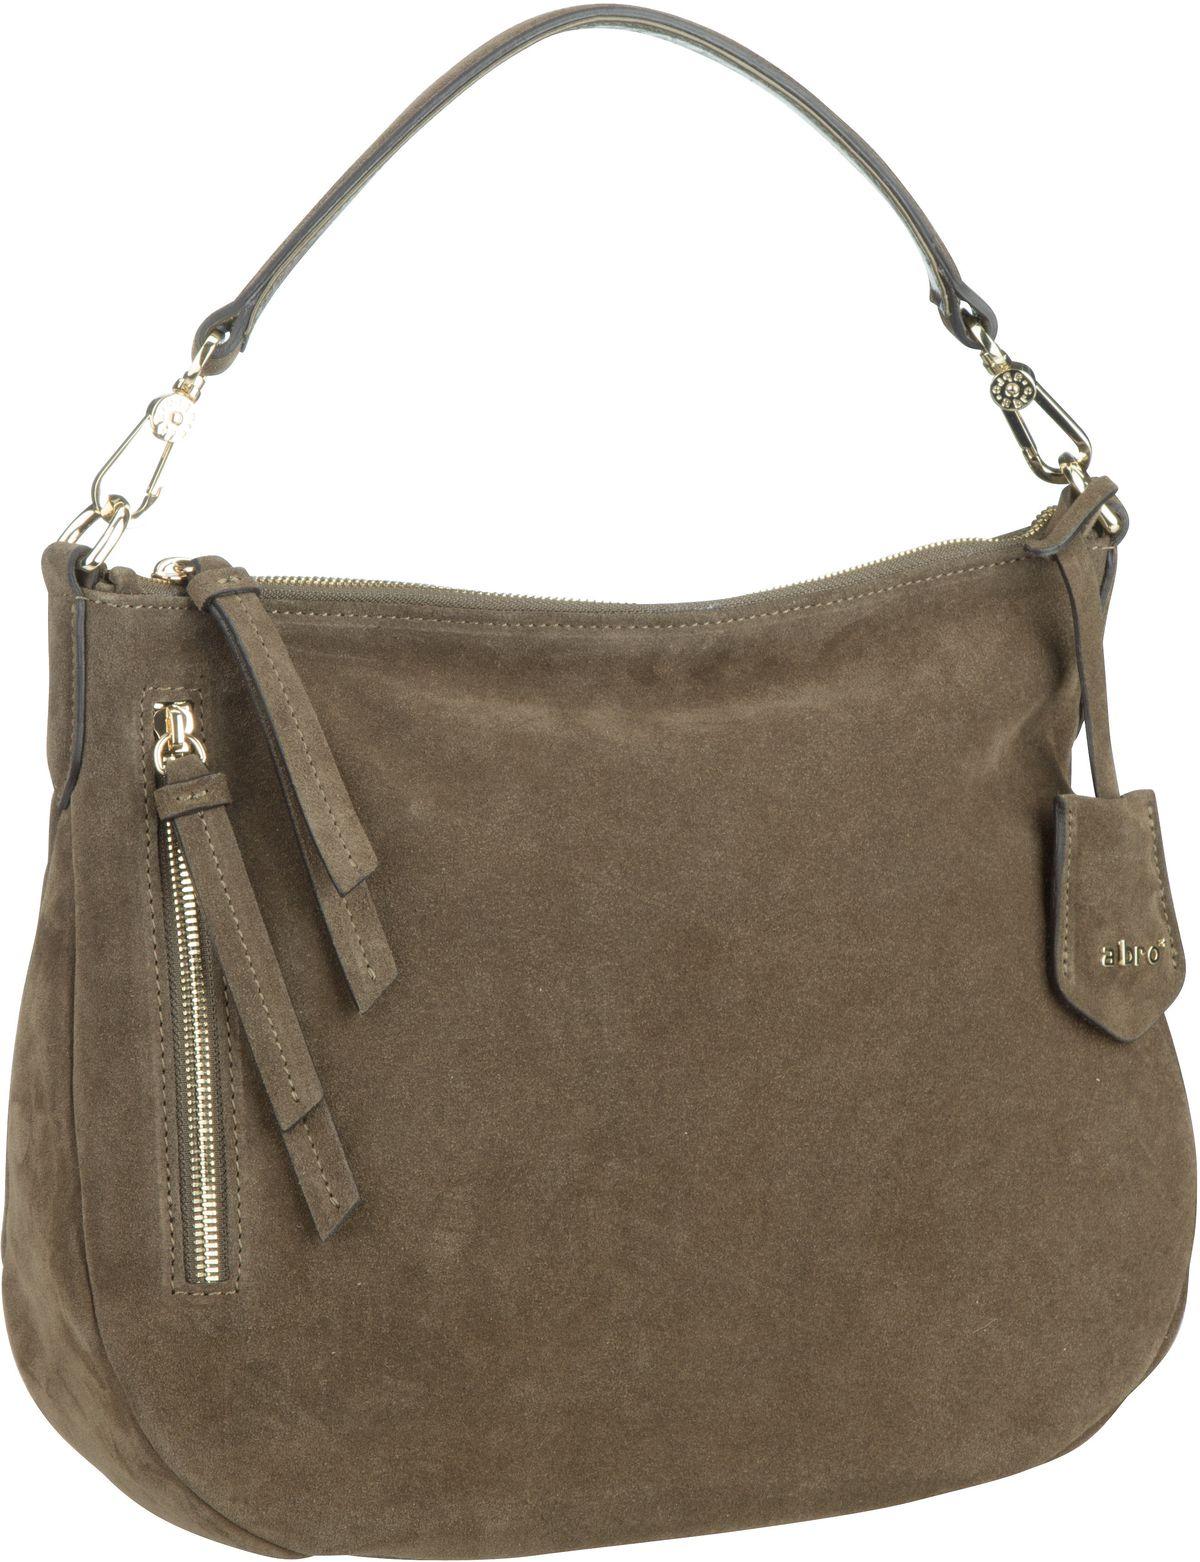 Handtasche Juna 28825 Suede Colonial